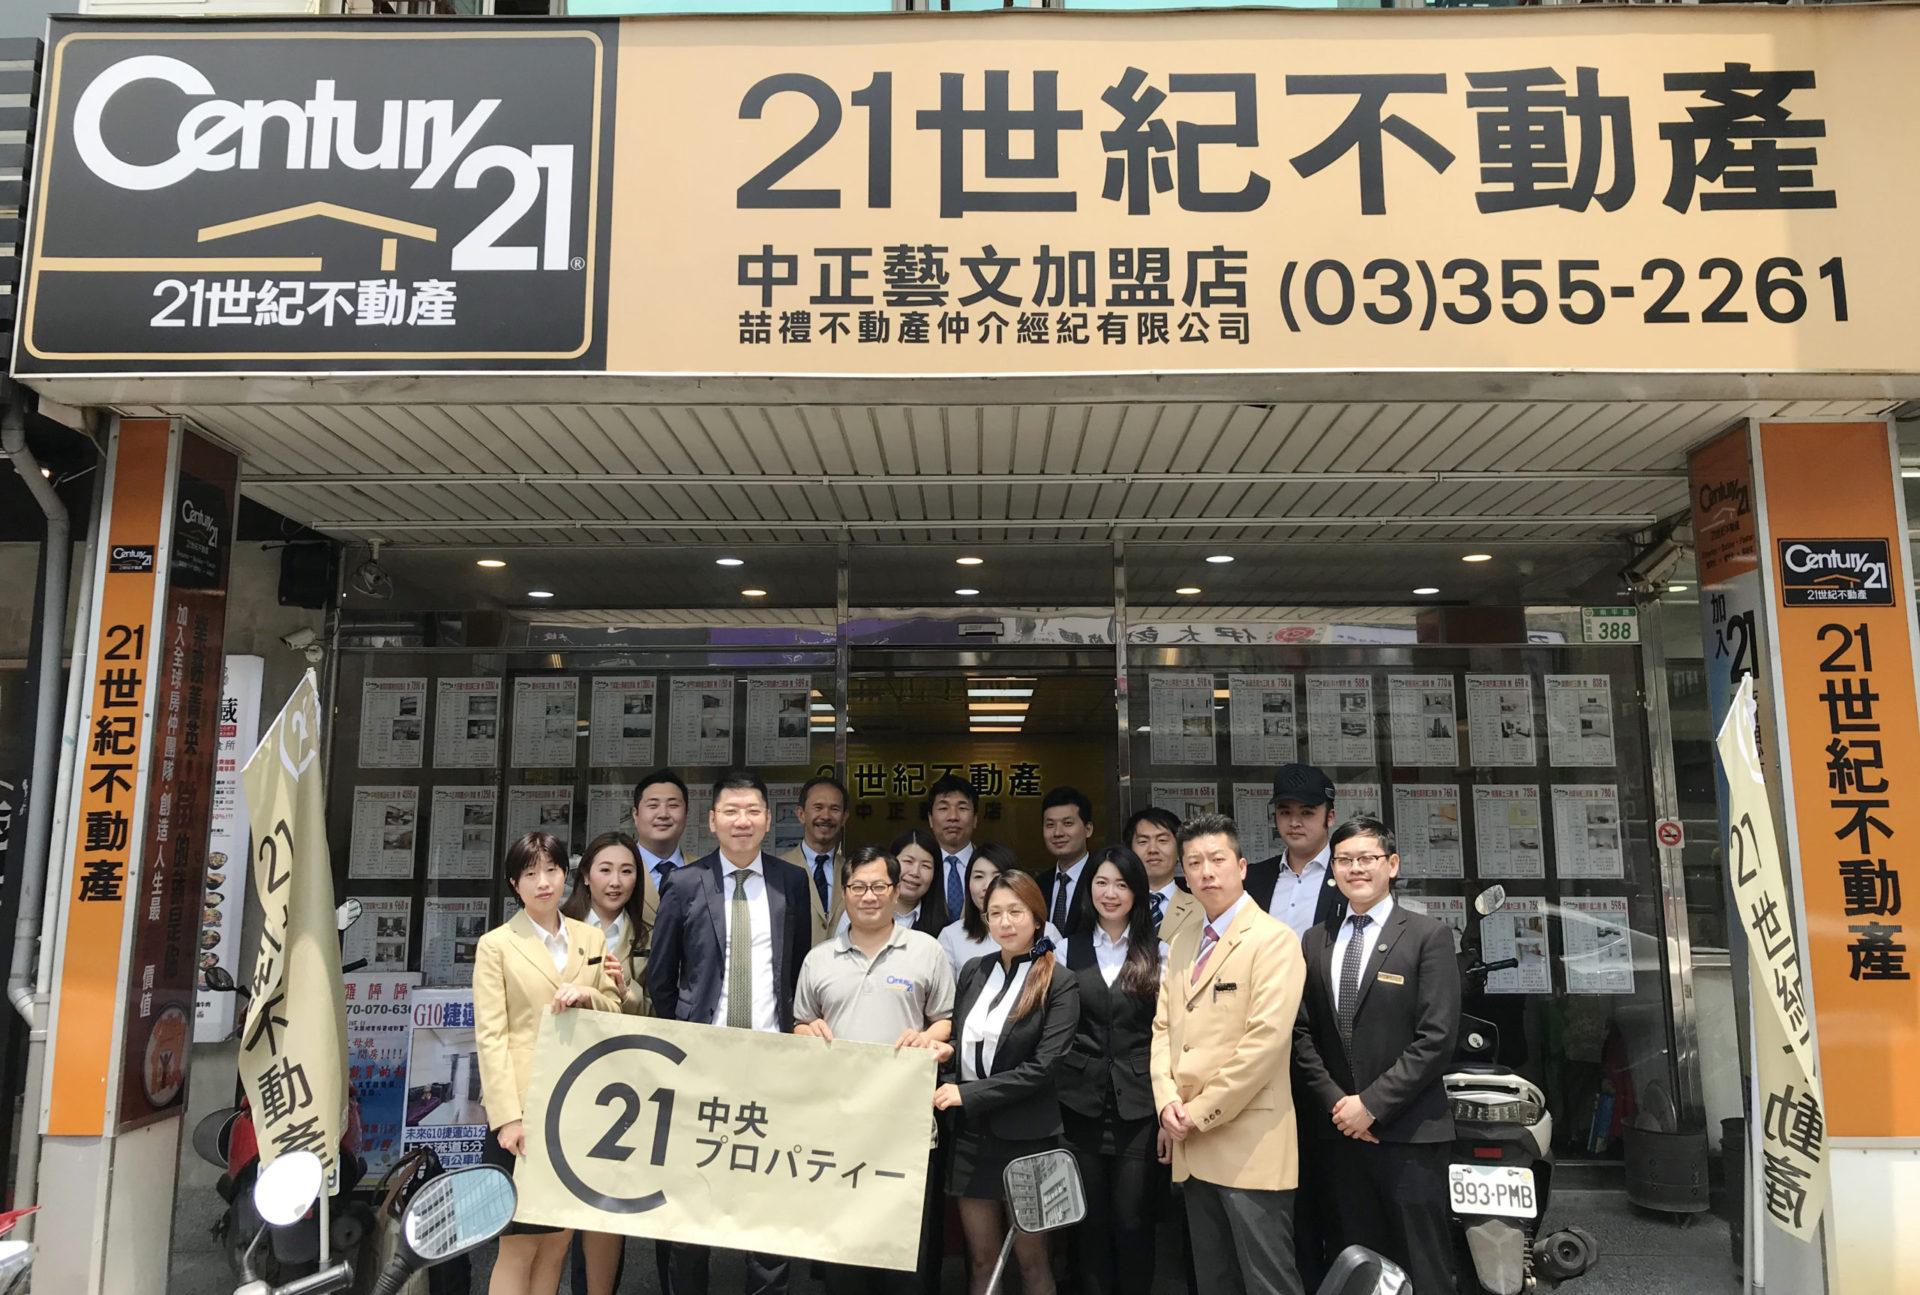 中正藝文加盟店では台北の住宅事情や共有持分市場について打合せのイメージ